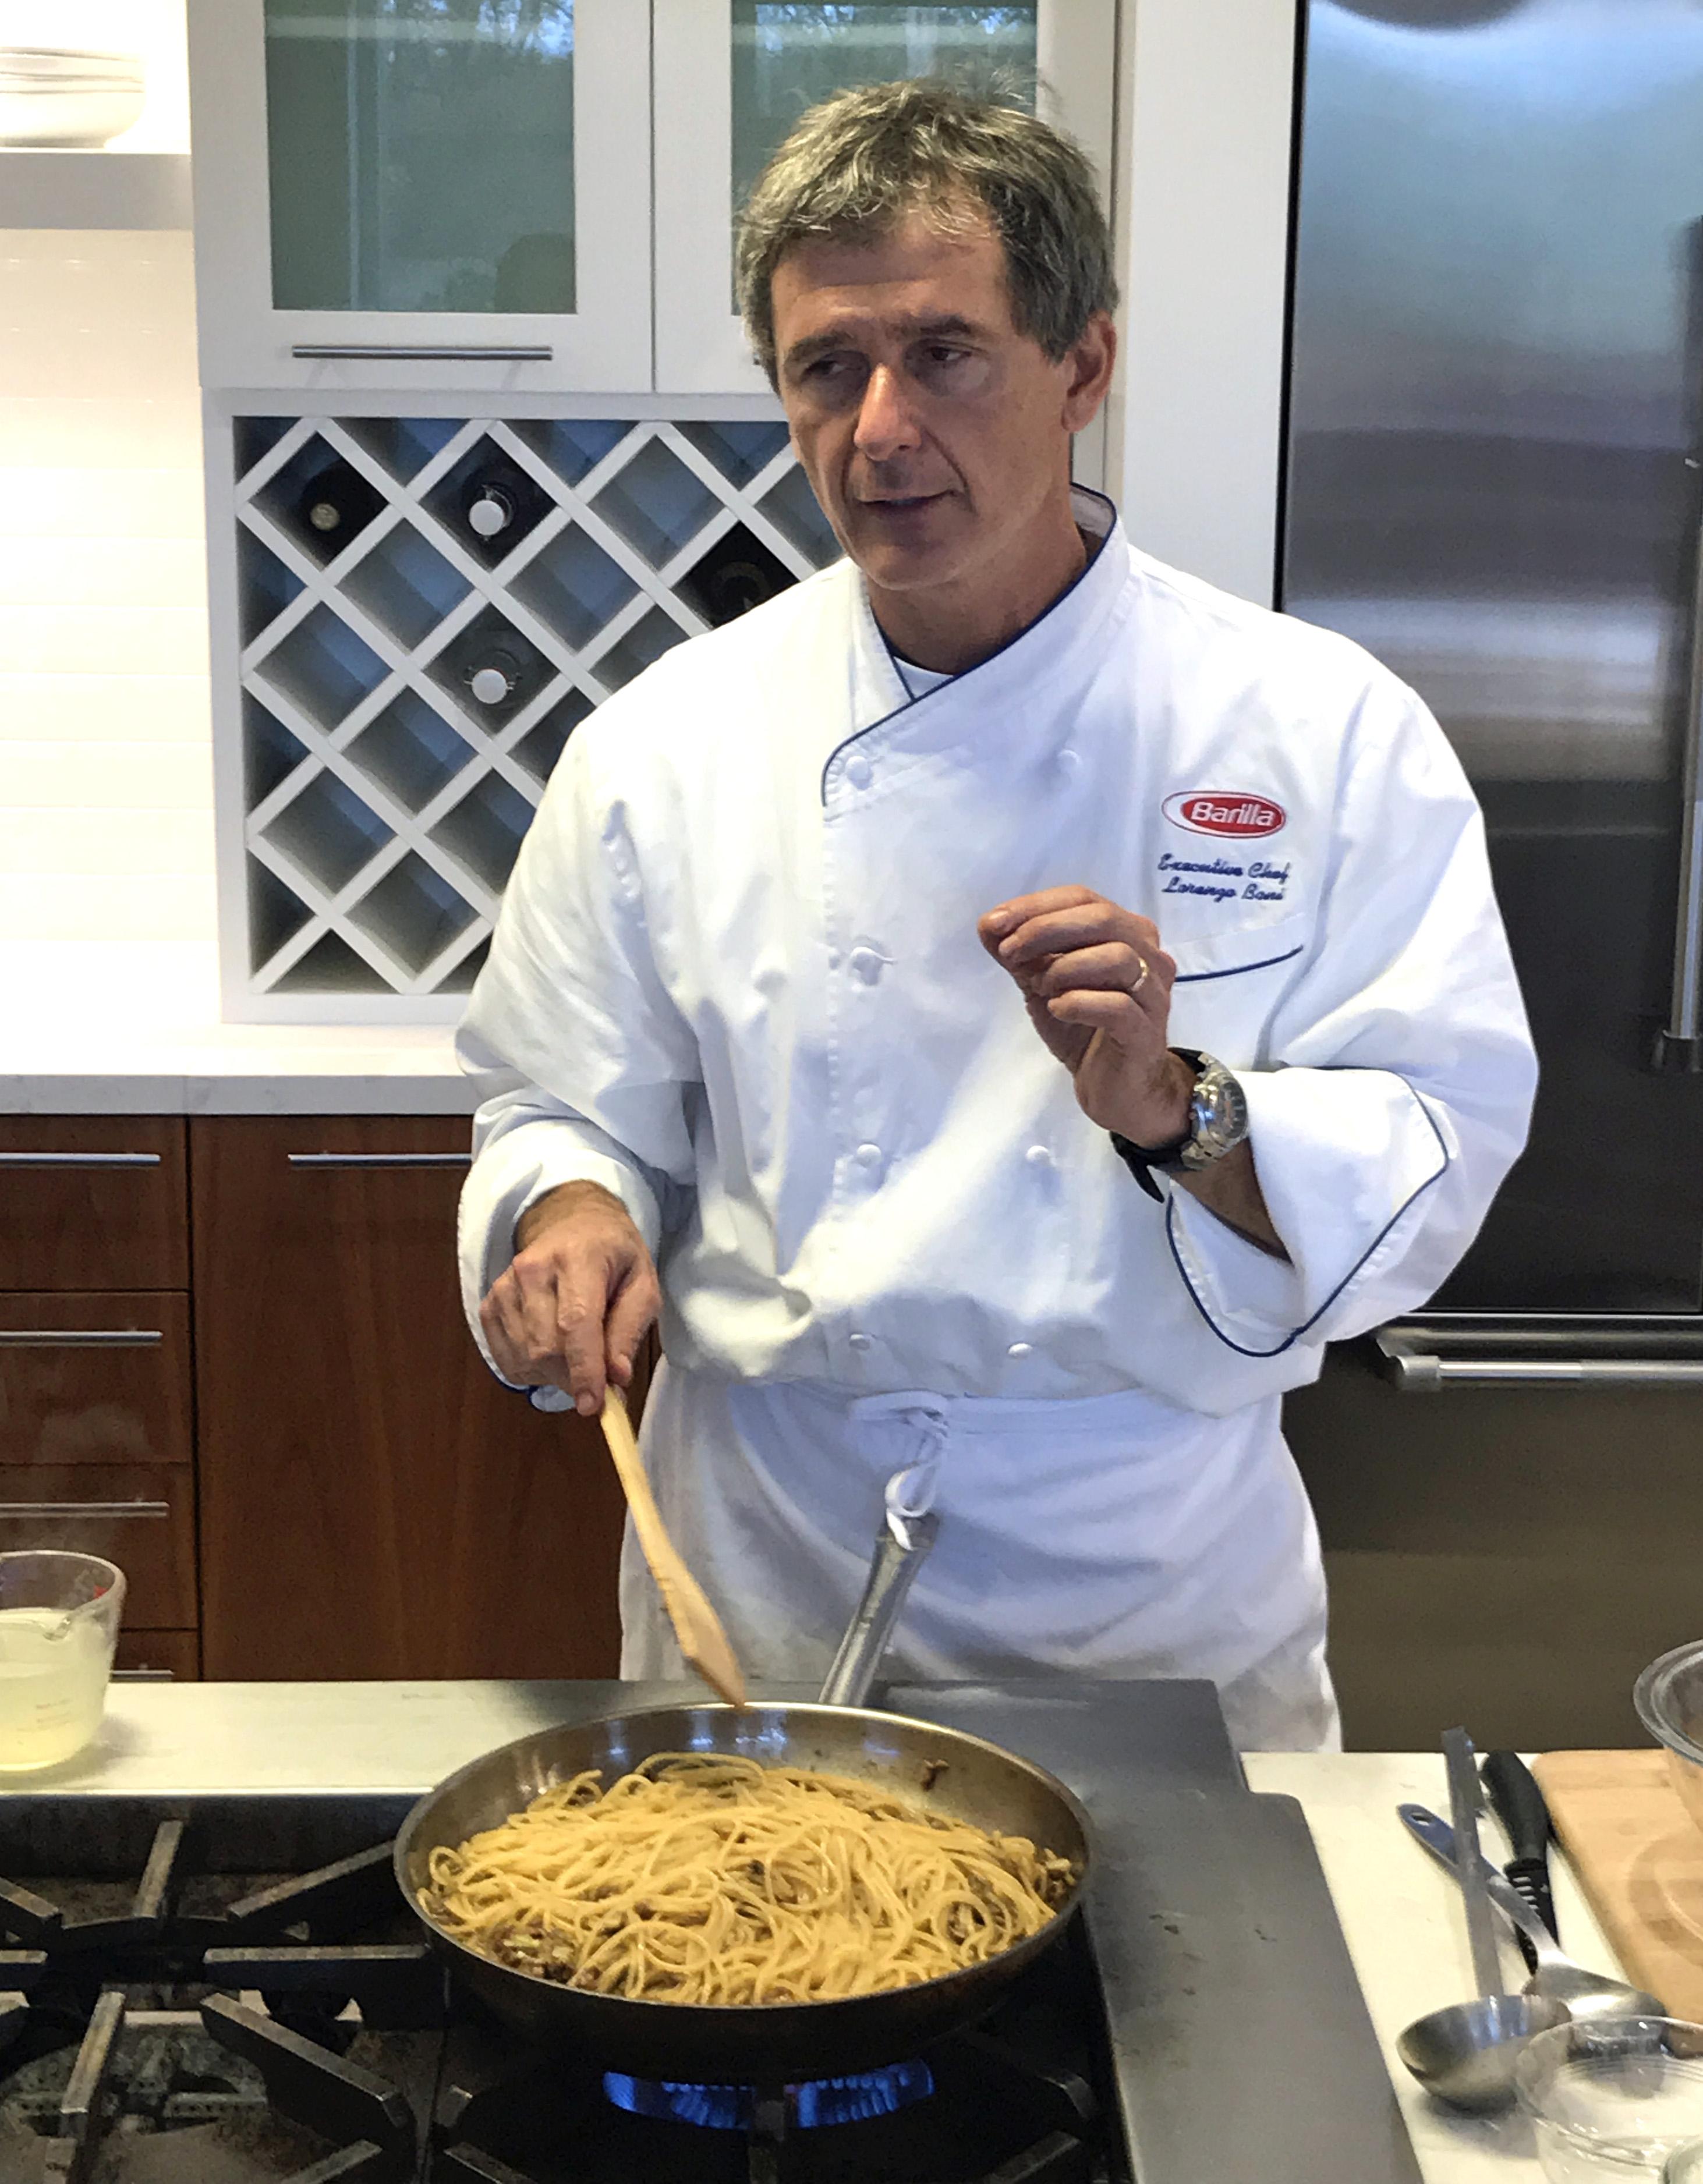 Chef Boni Barilla